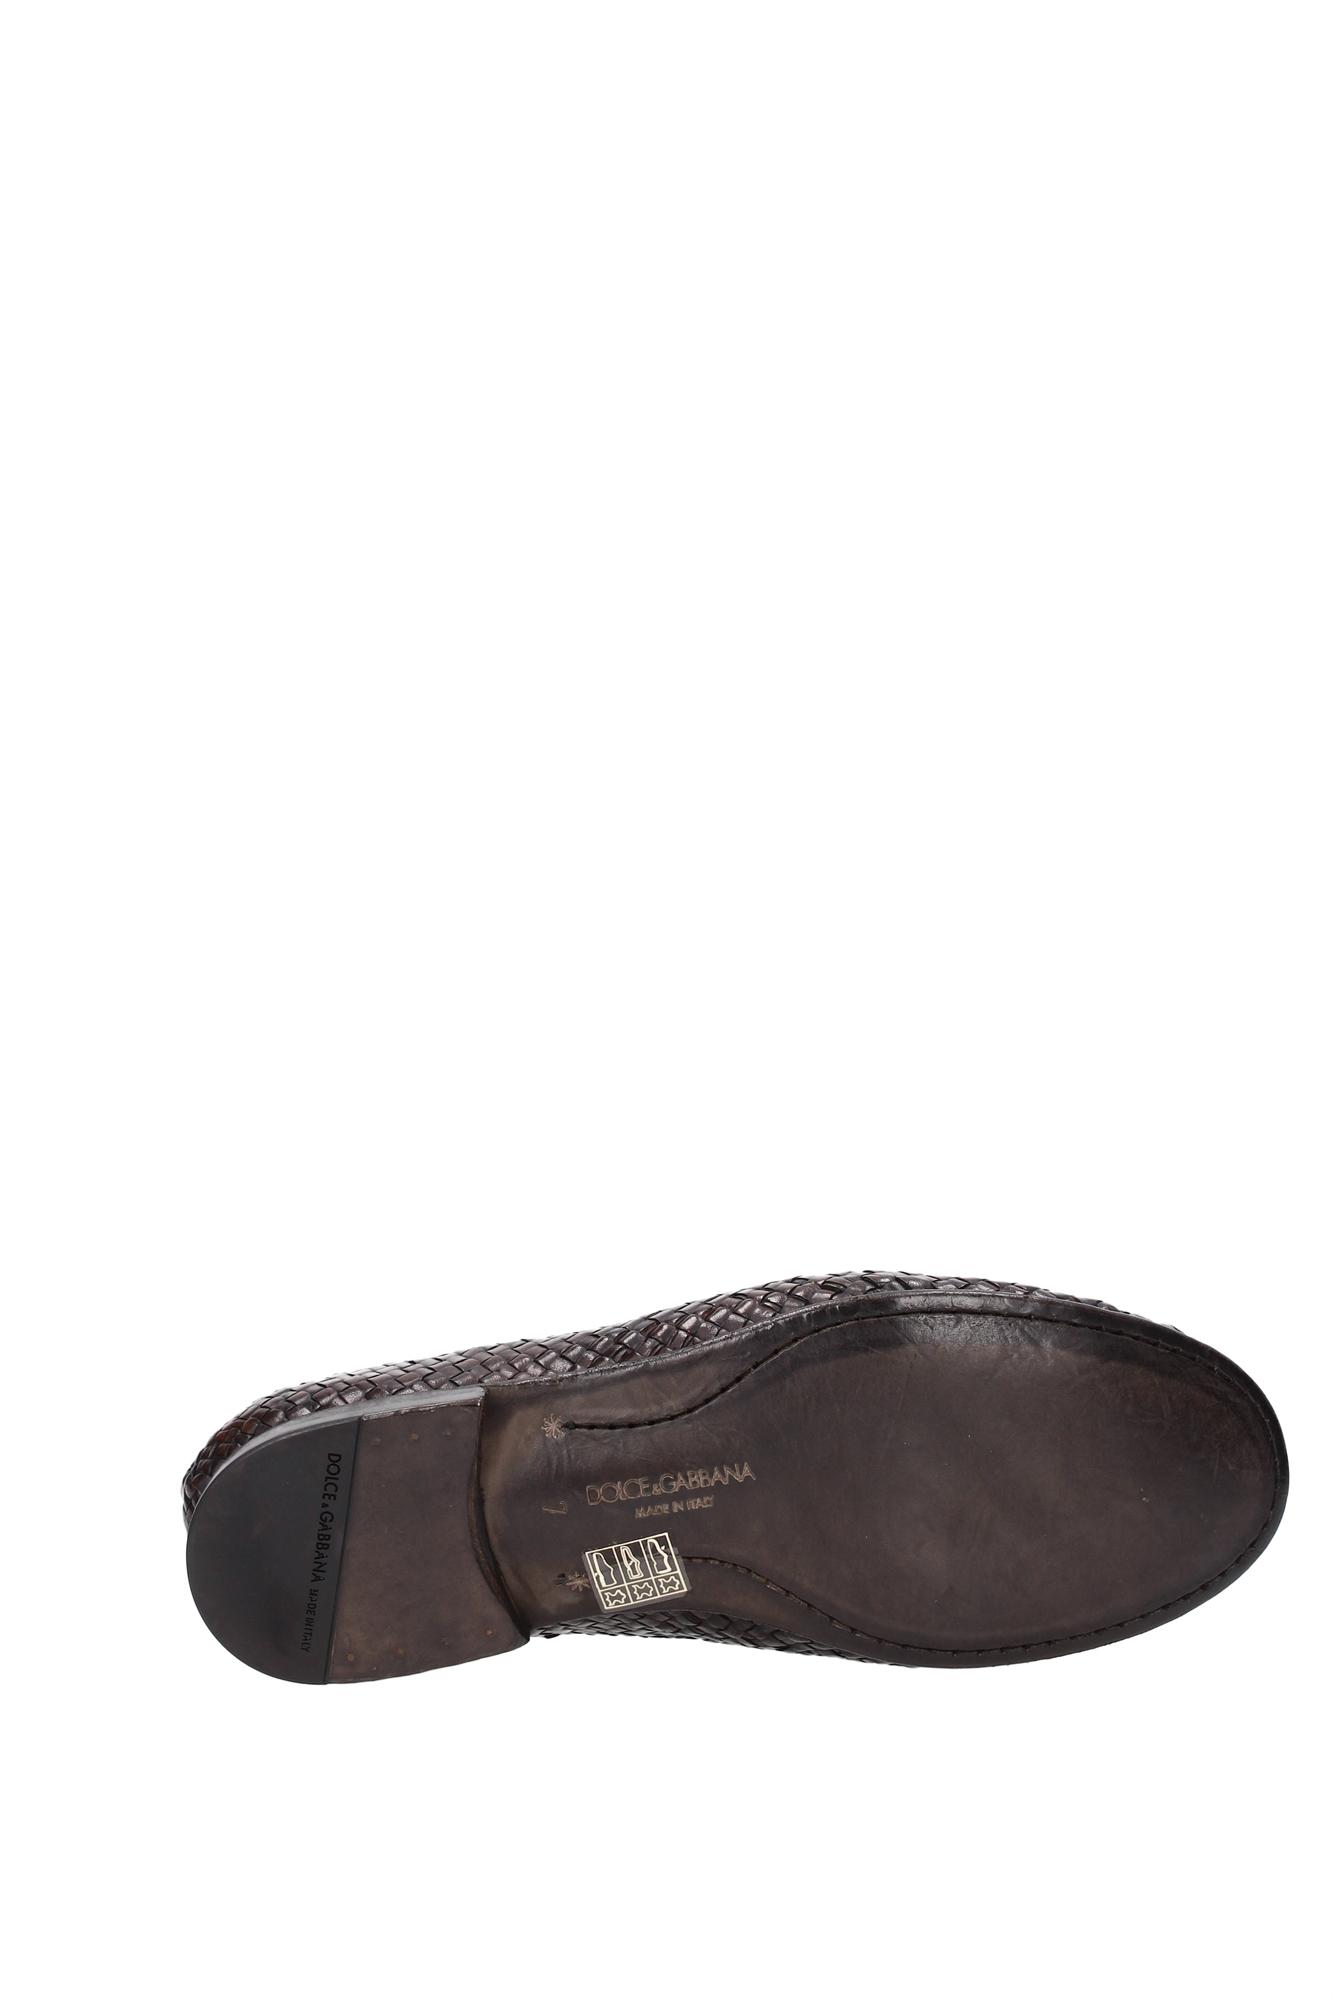 loafers dolce gabbana herren leder braun ca6552ac14380051. Black Bedroom Furniture Sets. Home Design Ideas